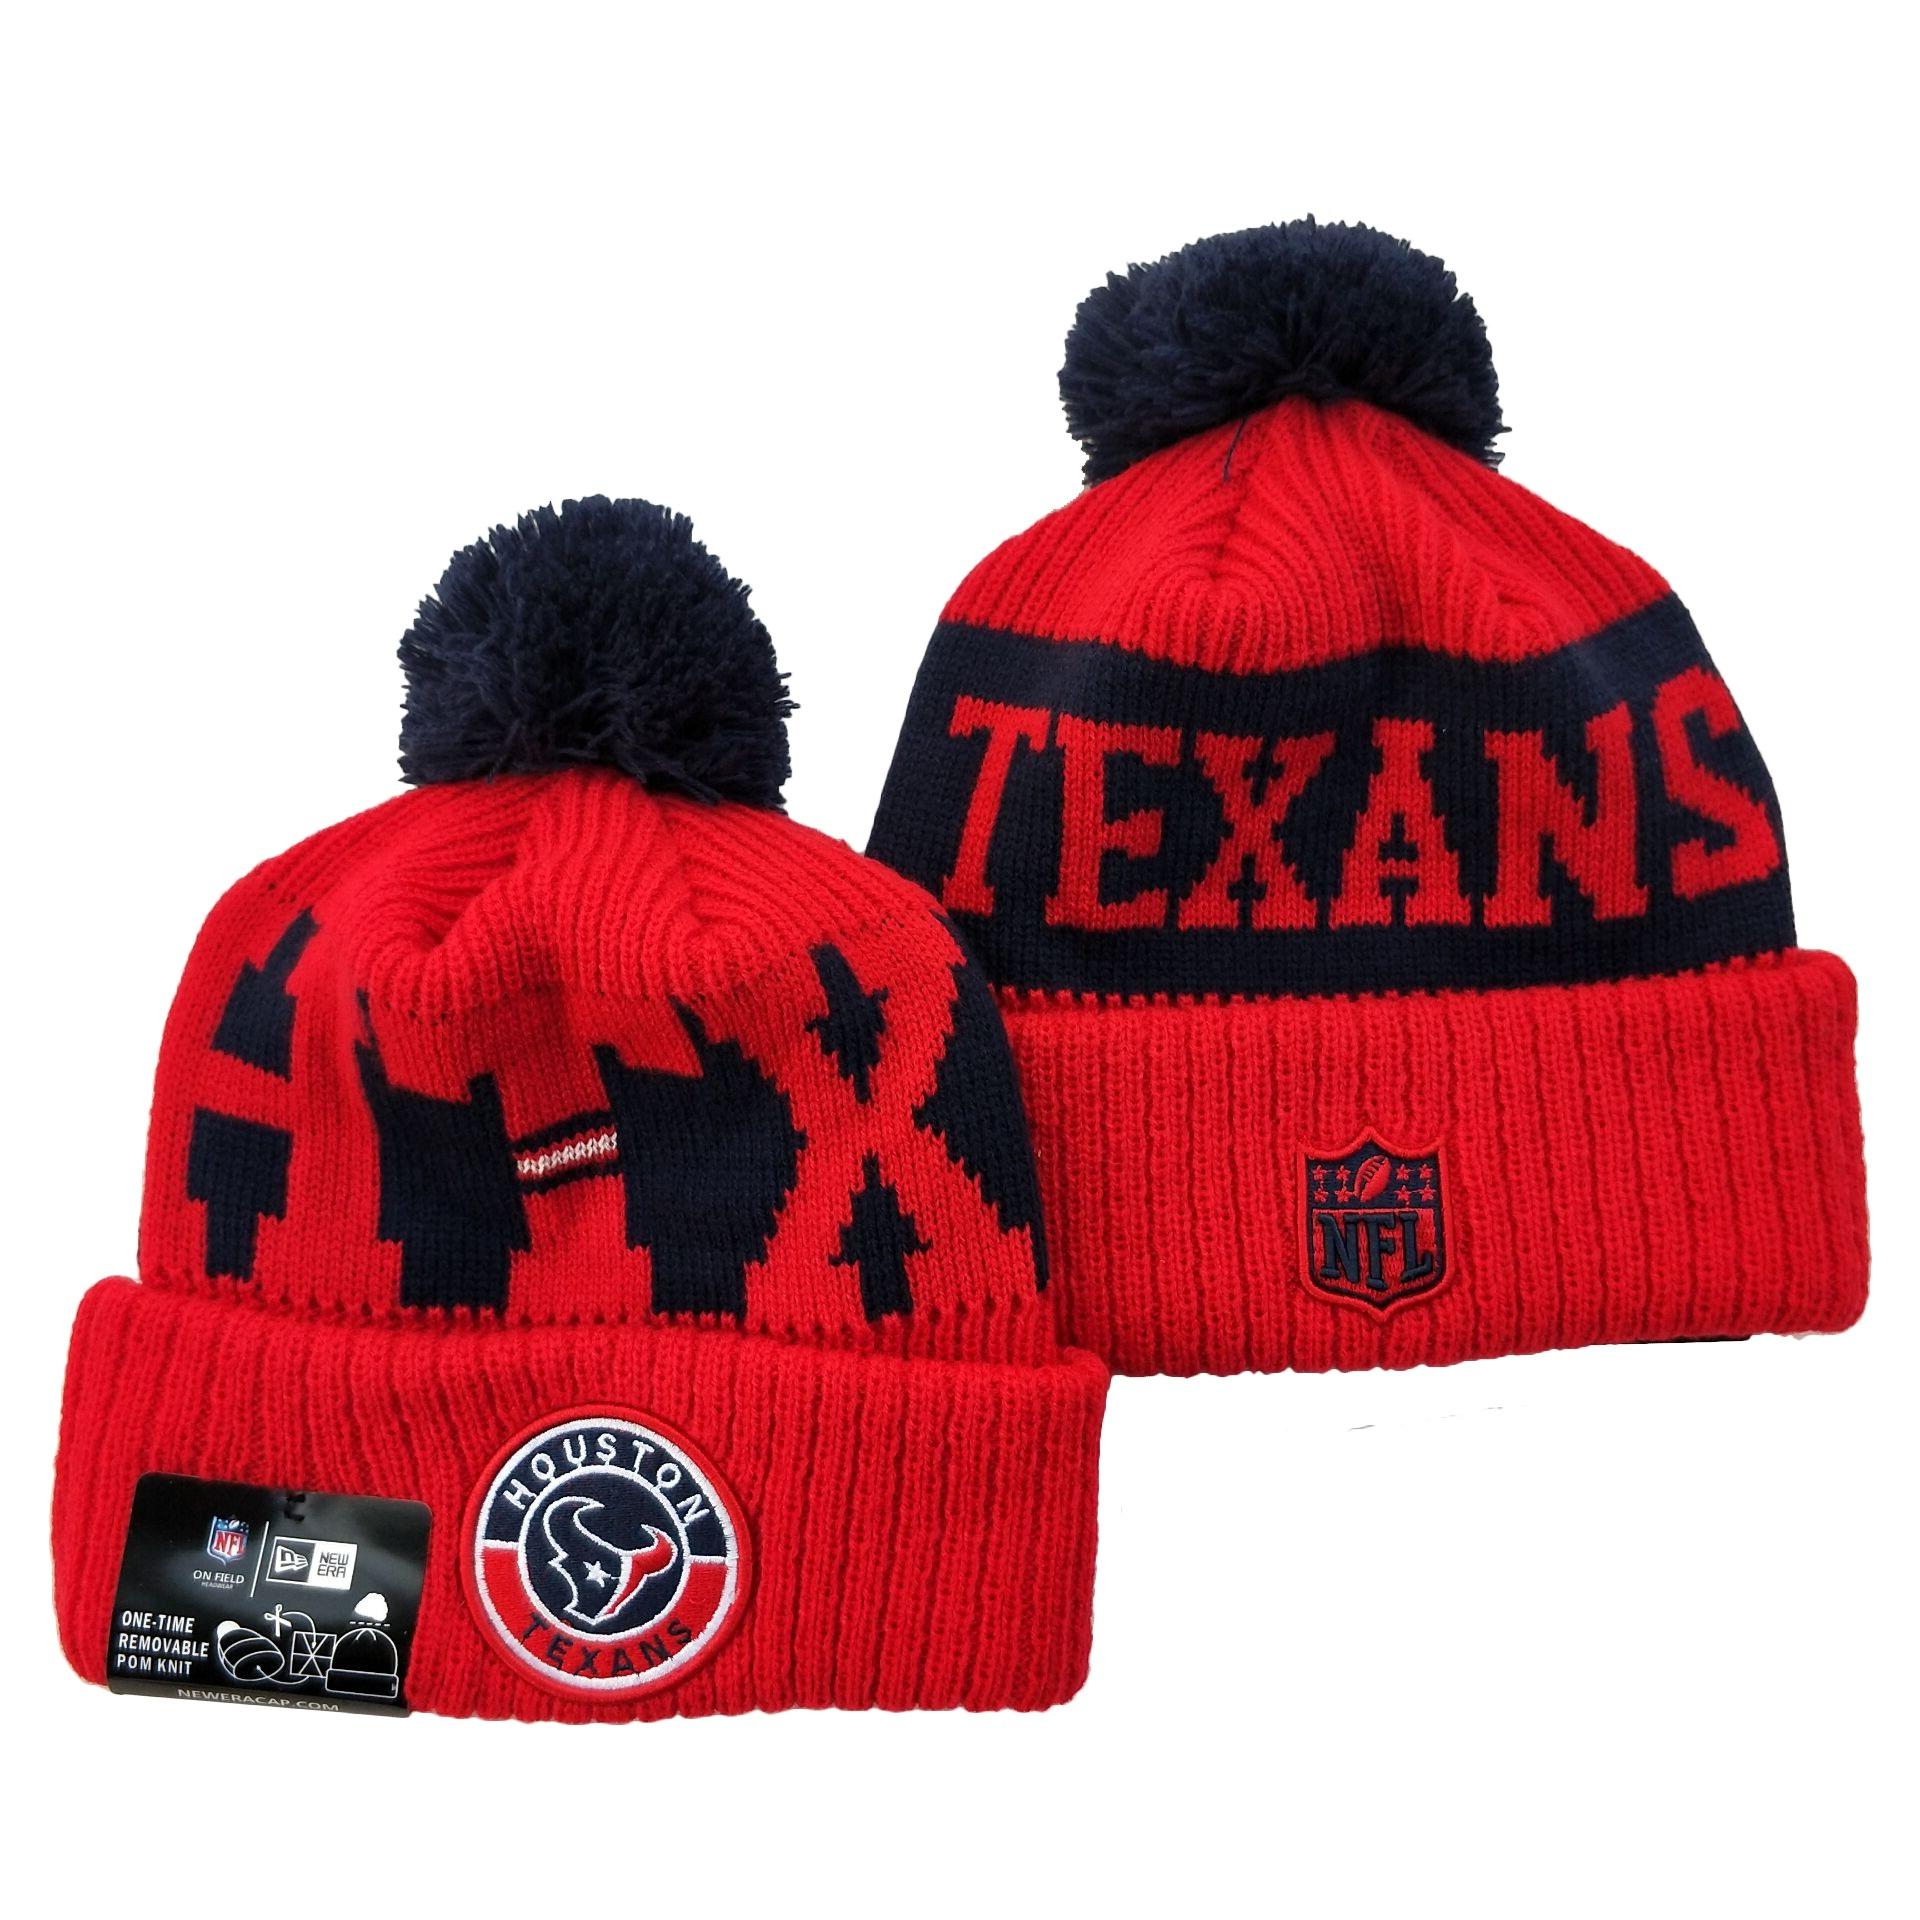 Texans Team Logo Red 2020 NFL Sideline Pom Cuffed Knit Hat YD